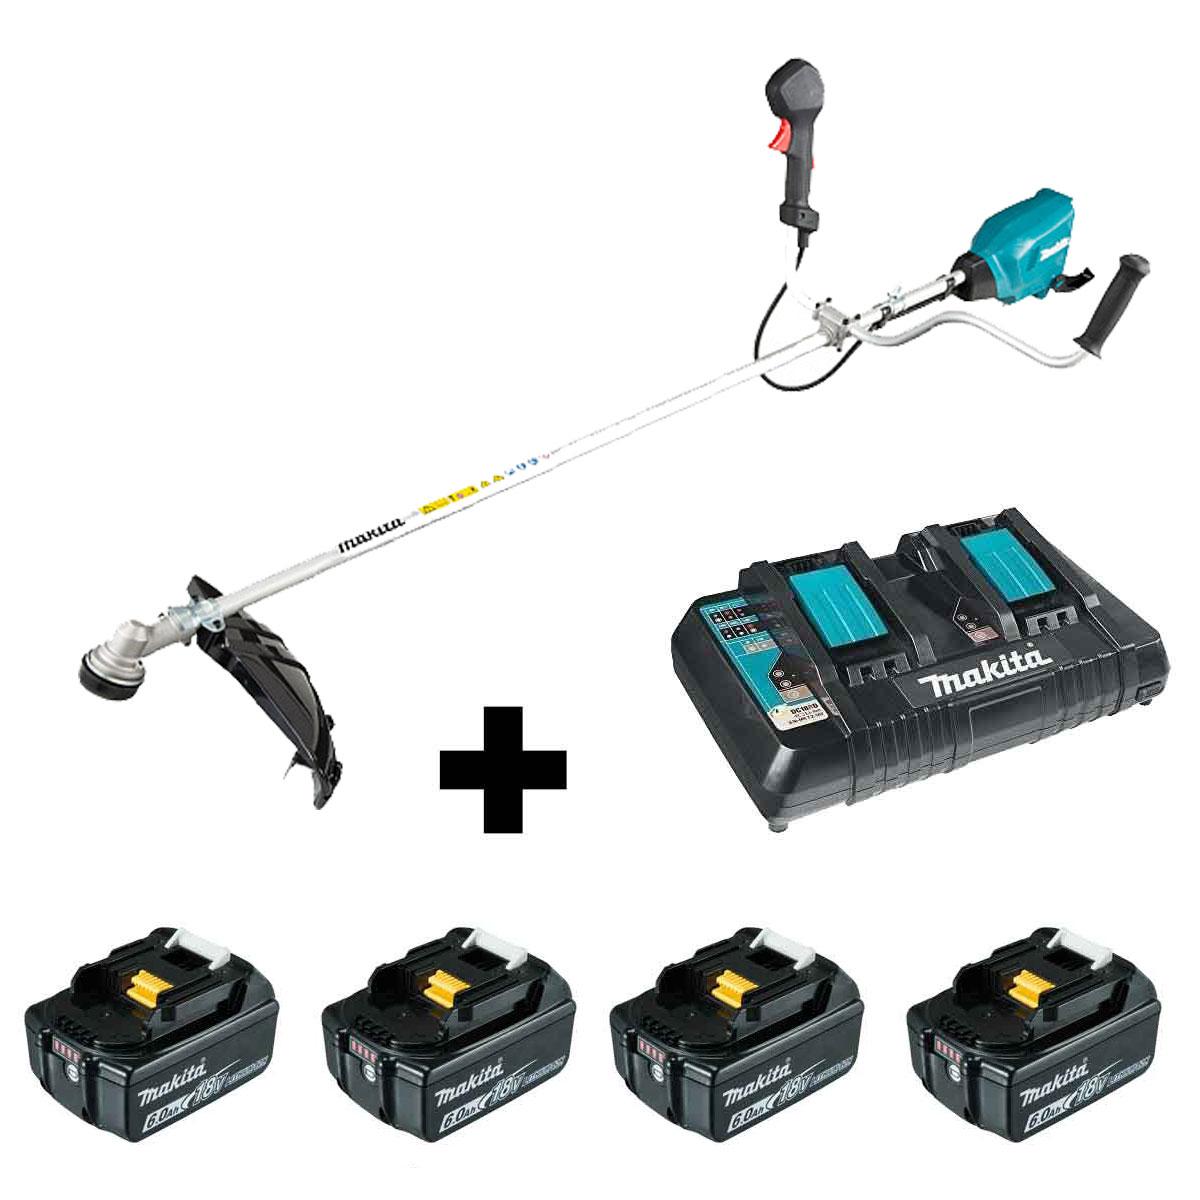 Roçadeira a bateria 18V DUR369AZ c/ Carregador e 4 Baterias